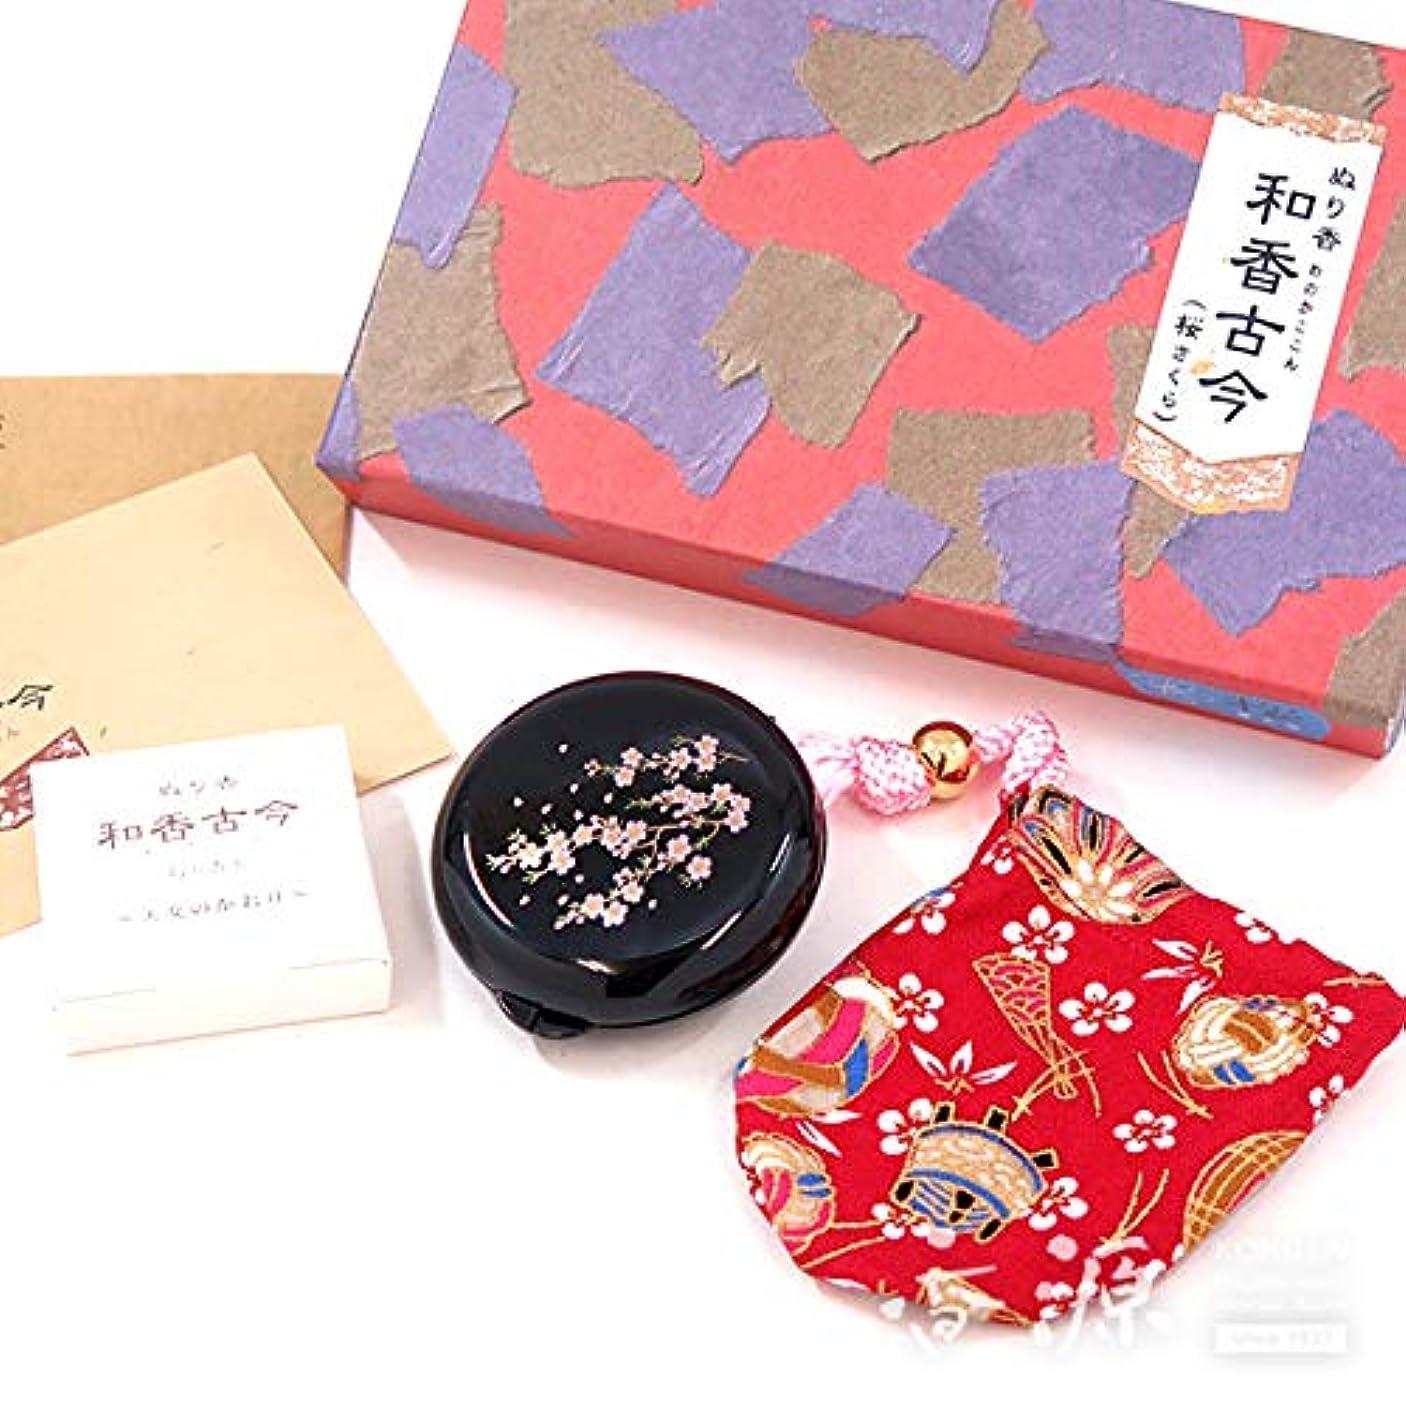 ようこそミリメートル不可能な長川仁三郎商店のお香 和香古今(わのかここん)天女の香り 桜(黒のコンパクト)?赤の巾着のセット